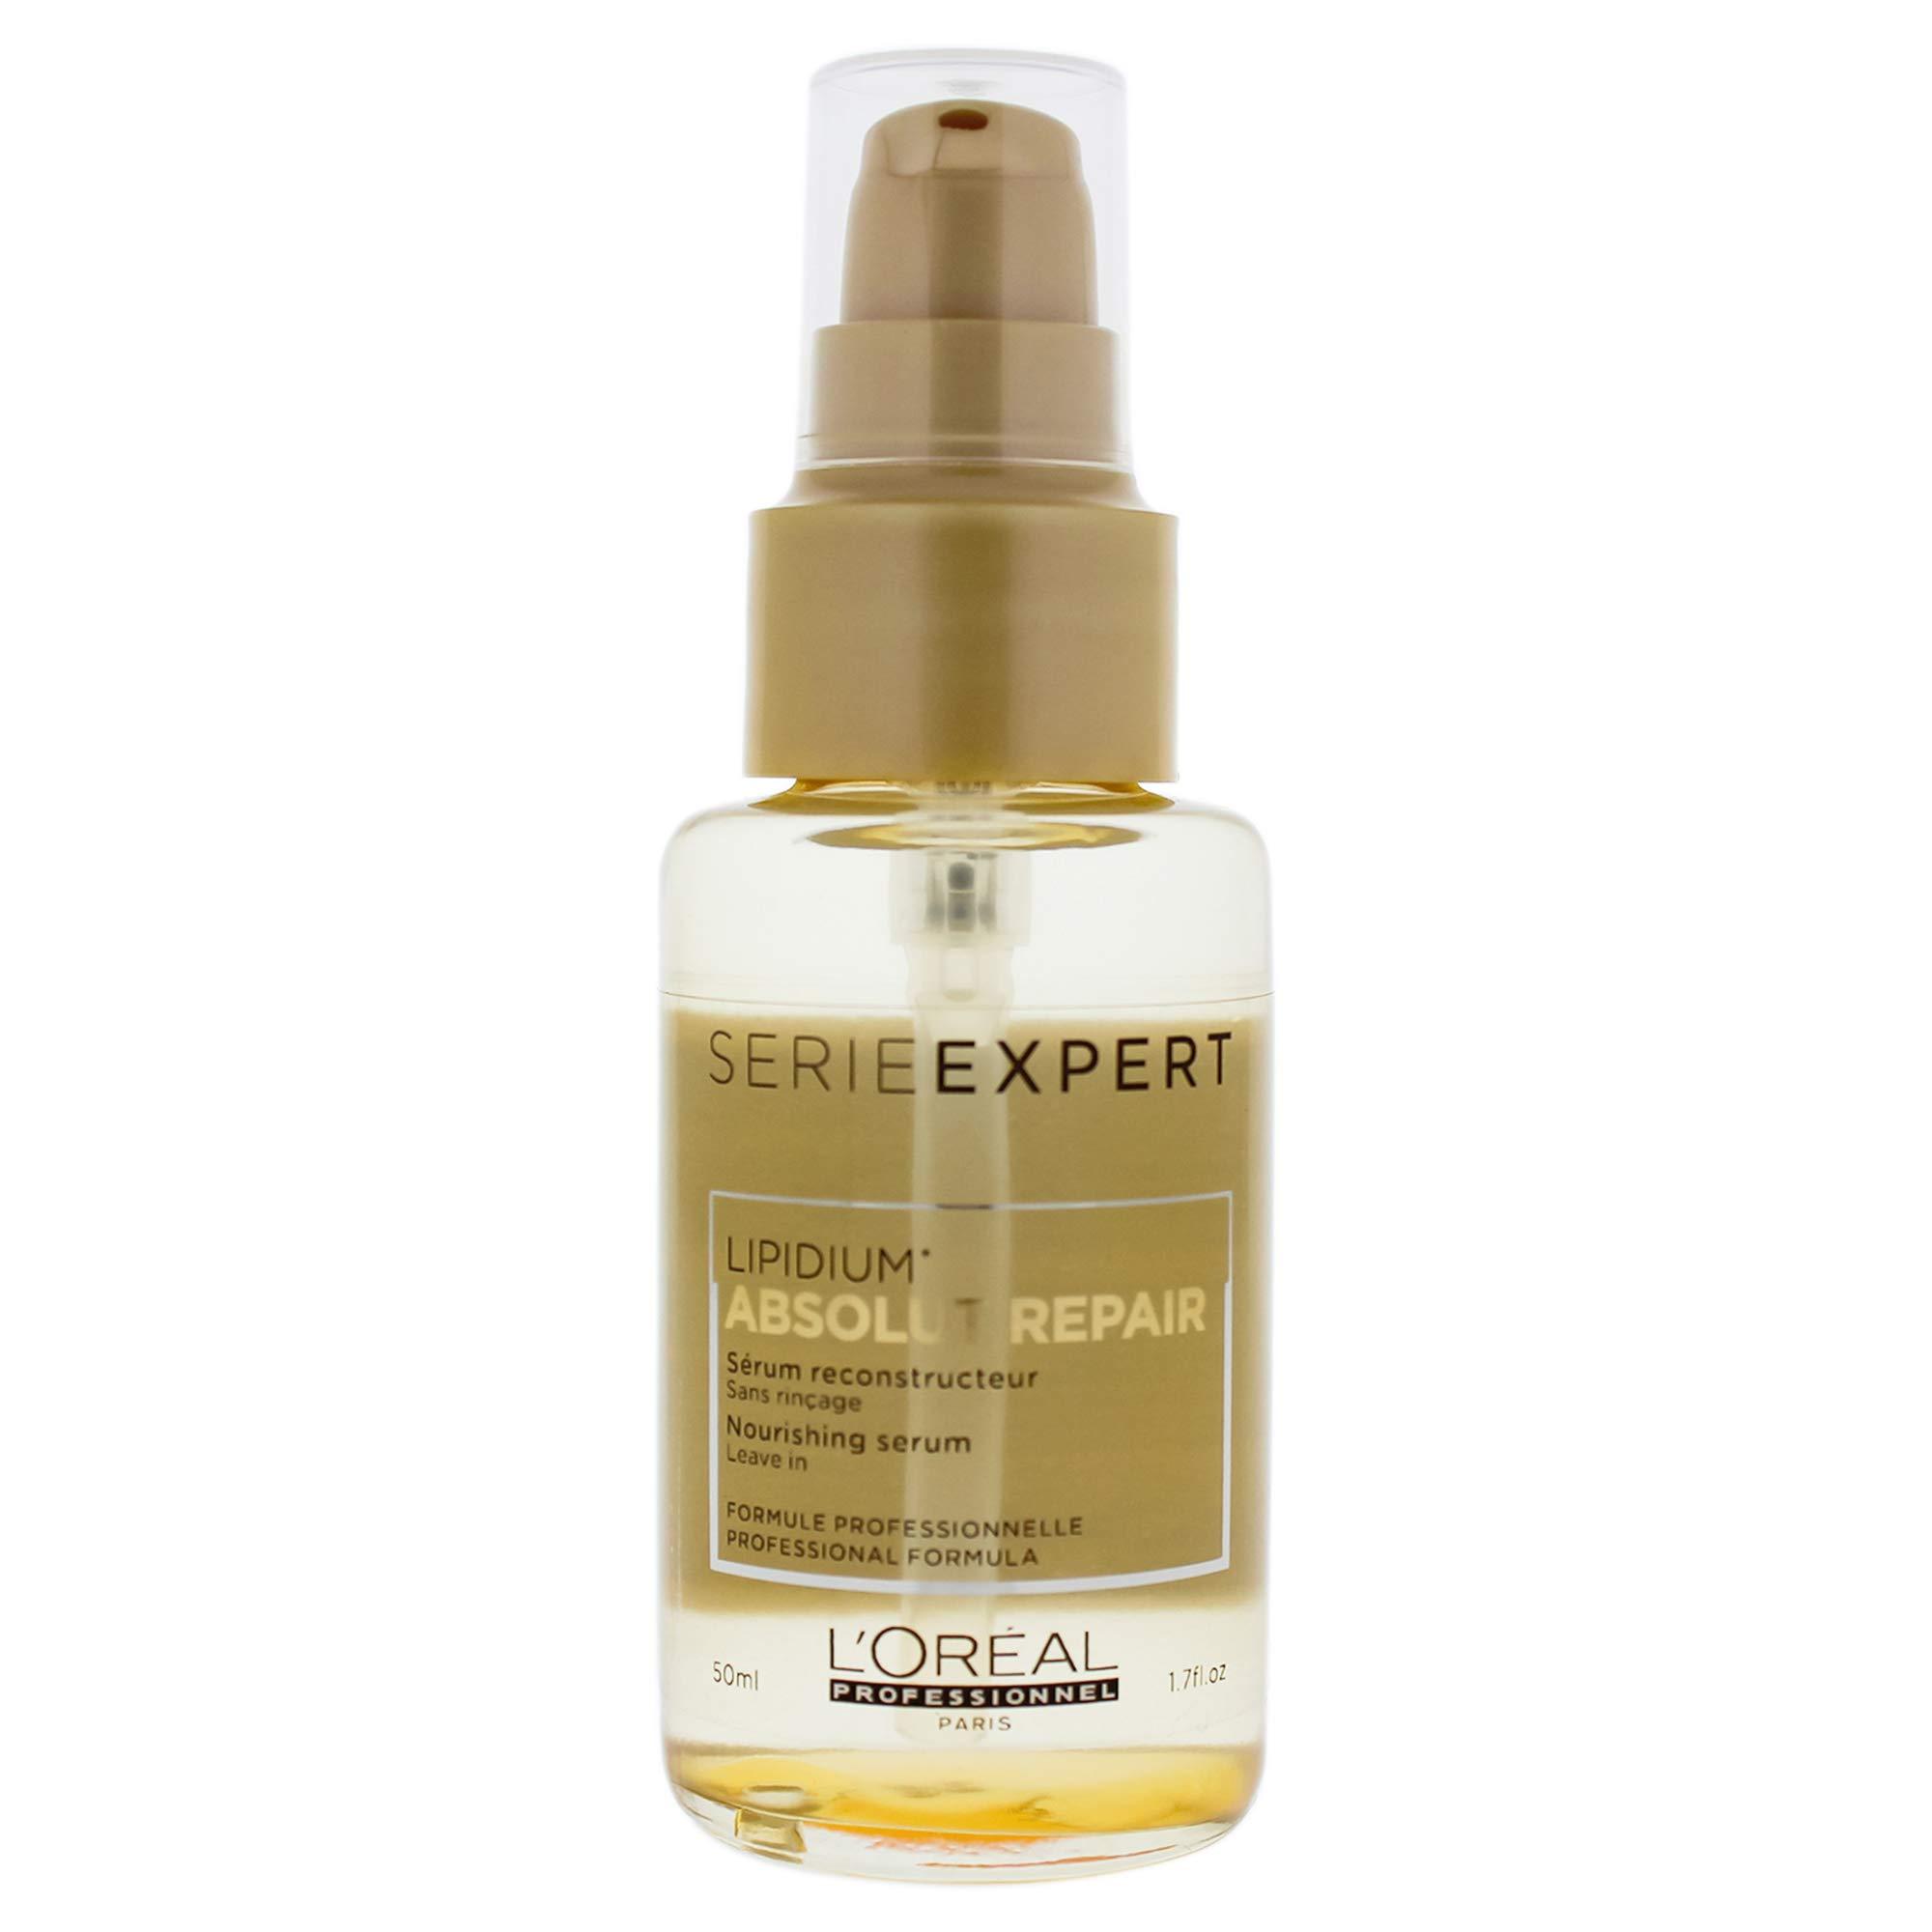 L'Oréal Expert Professionnel Absolut Repair Lipidium Serum 50 ml